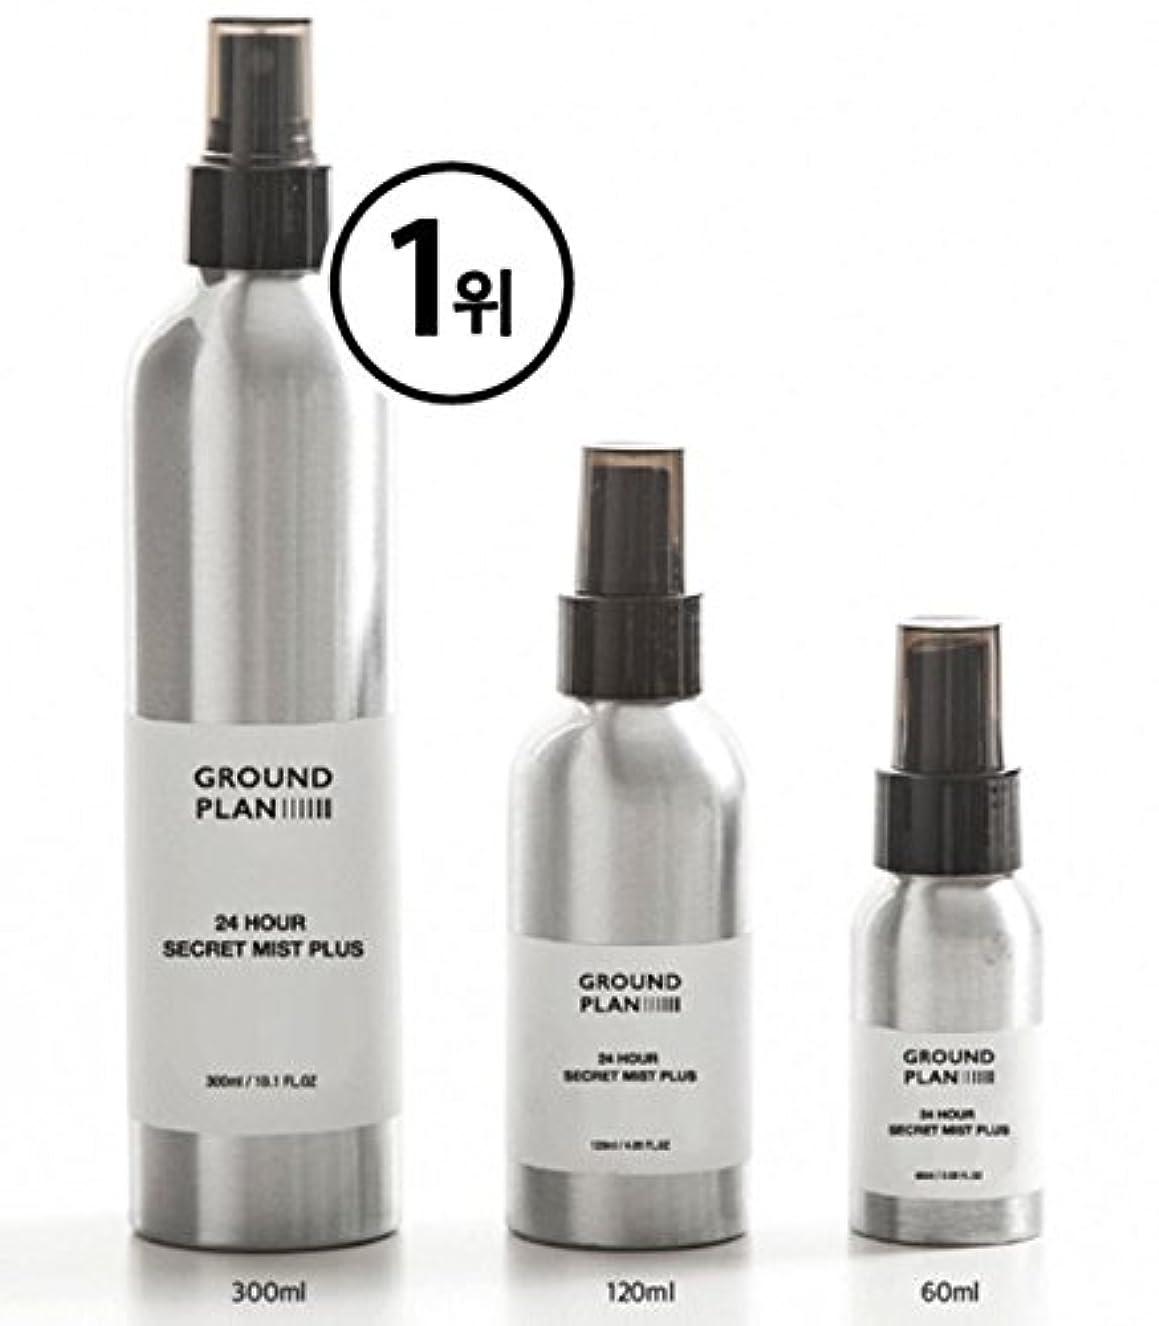 好奇心盛たるみ講義[グラウンド?プラン] 24Hour 秘密 スキンミスト Plus (120ml) (300ml) Ground plan 24 Hour Secret Skin Mist Plus [海外直送品] (120ml)